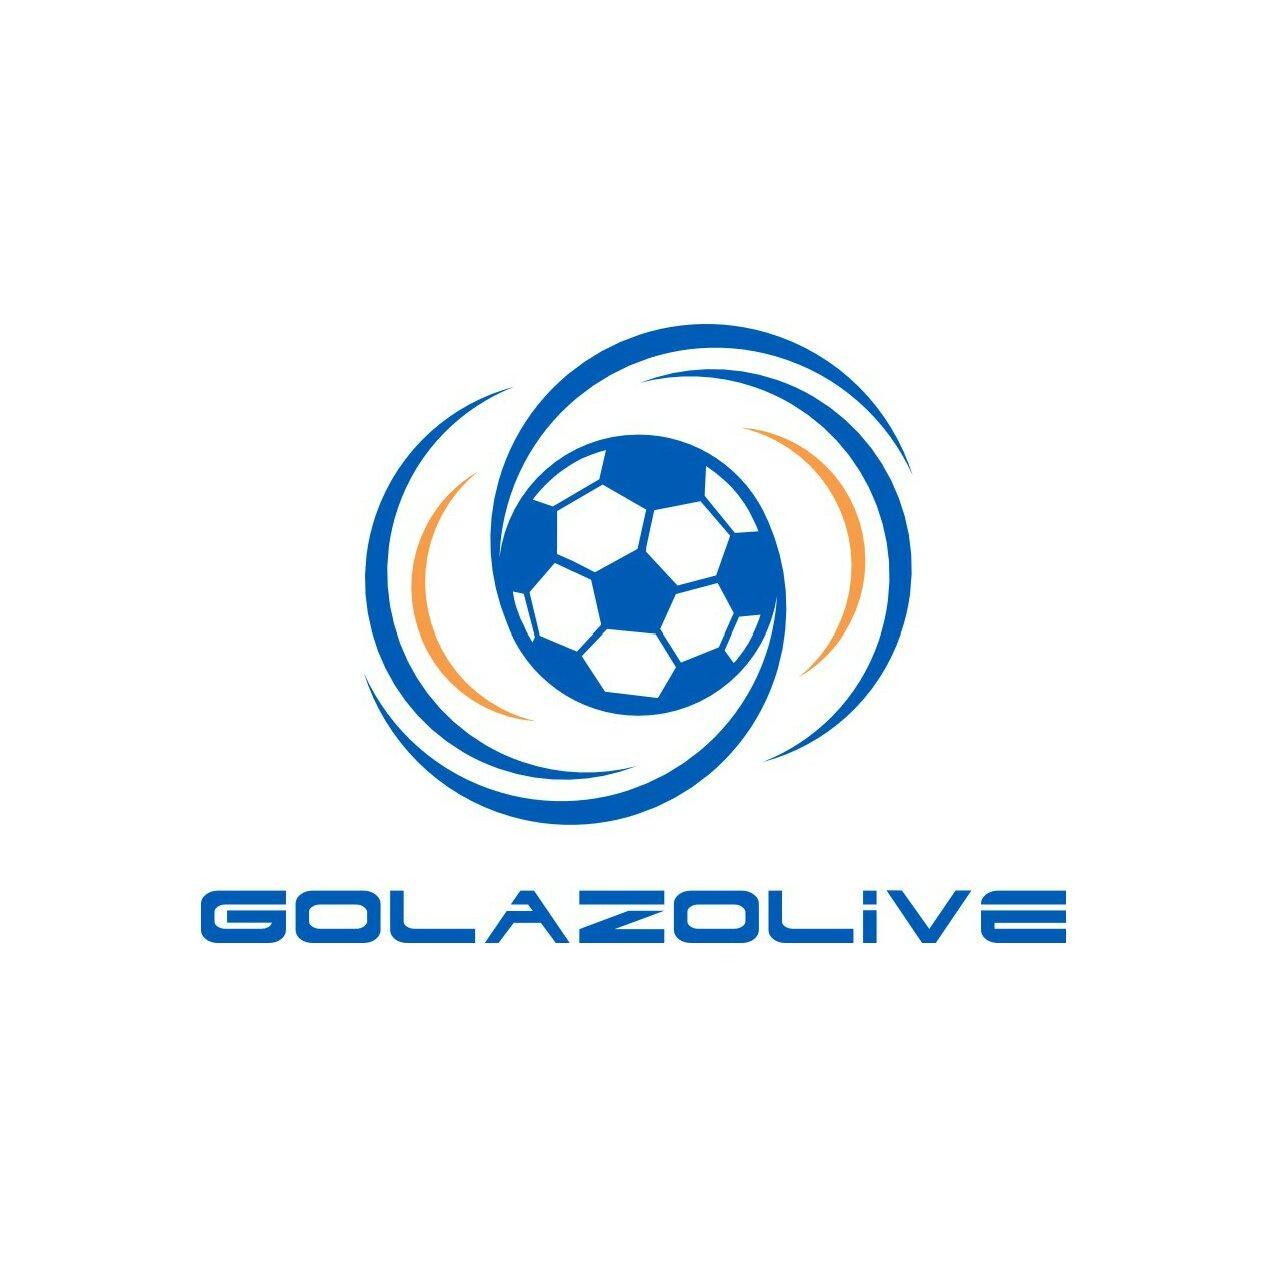 Golazolive